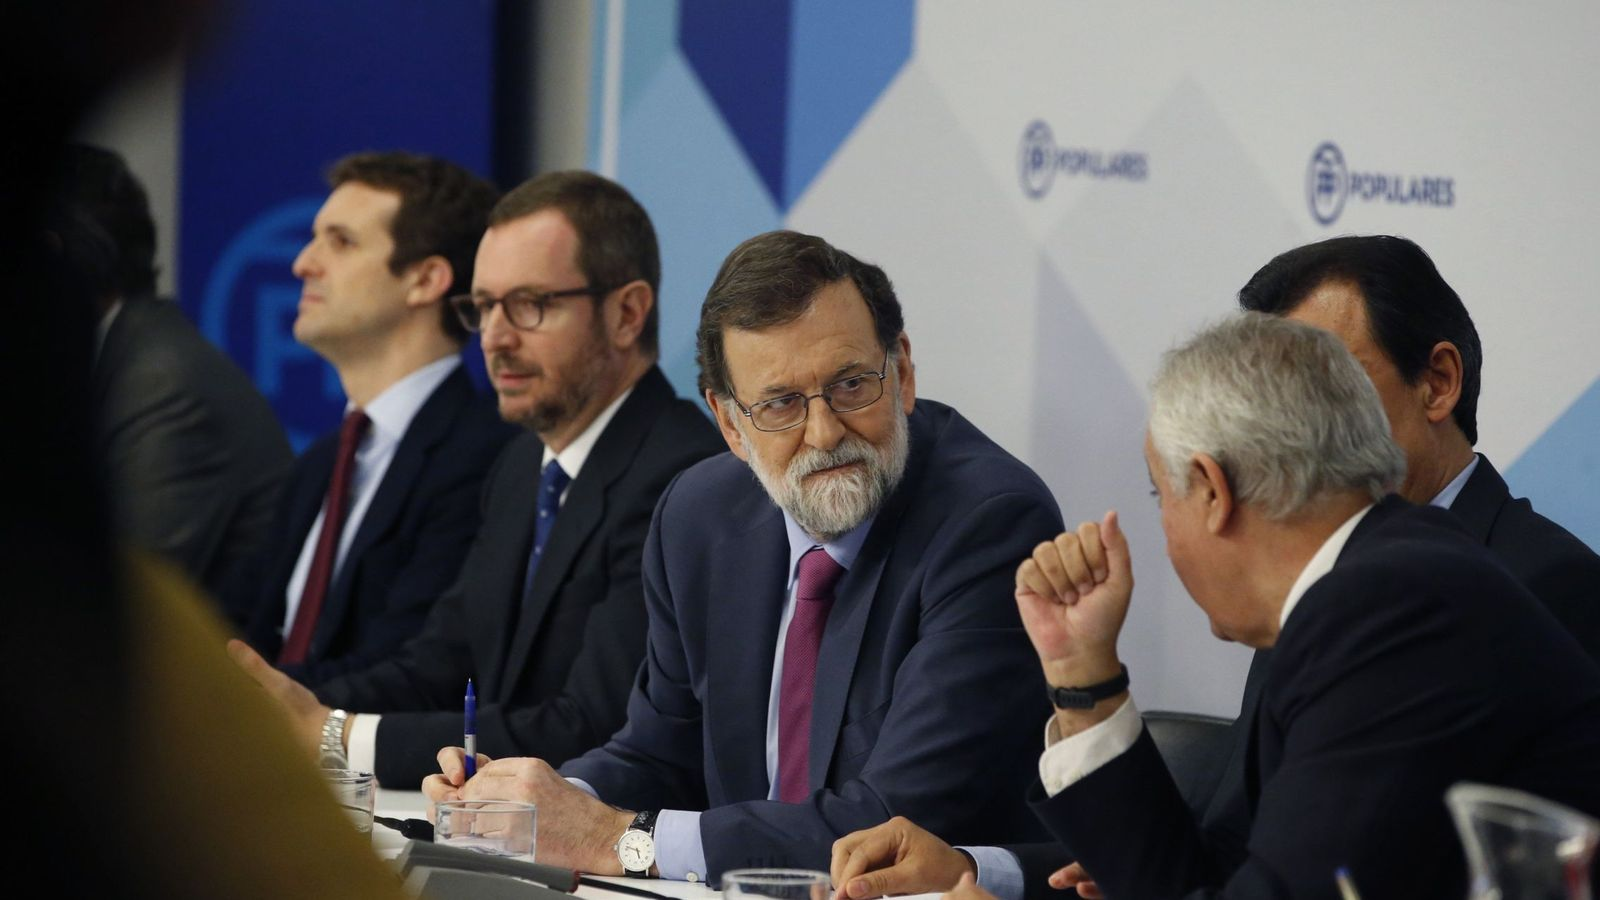 Foto: Mariano Rajoy escucha a Javier Arenas, ante Pablo Casado, Javier Maroto y Fernando Martínez-Maíllo, en la junta directiva nacional del PP. (EFE)